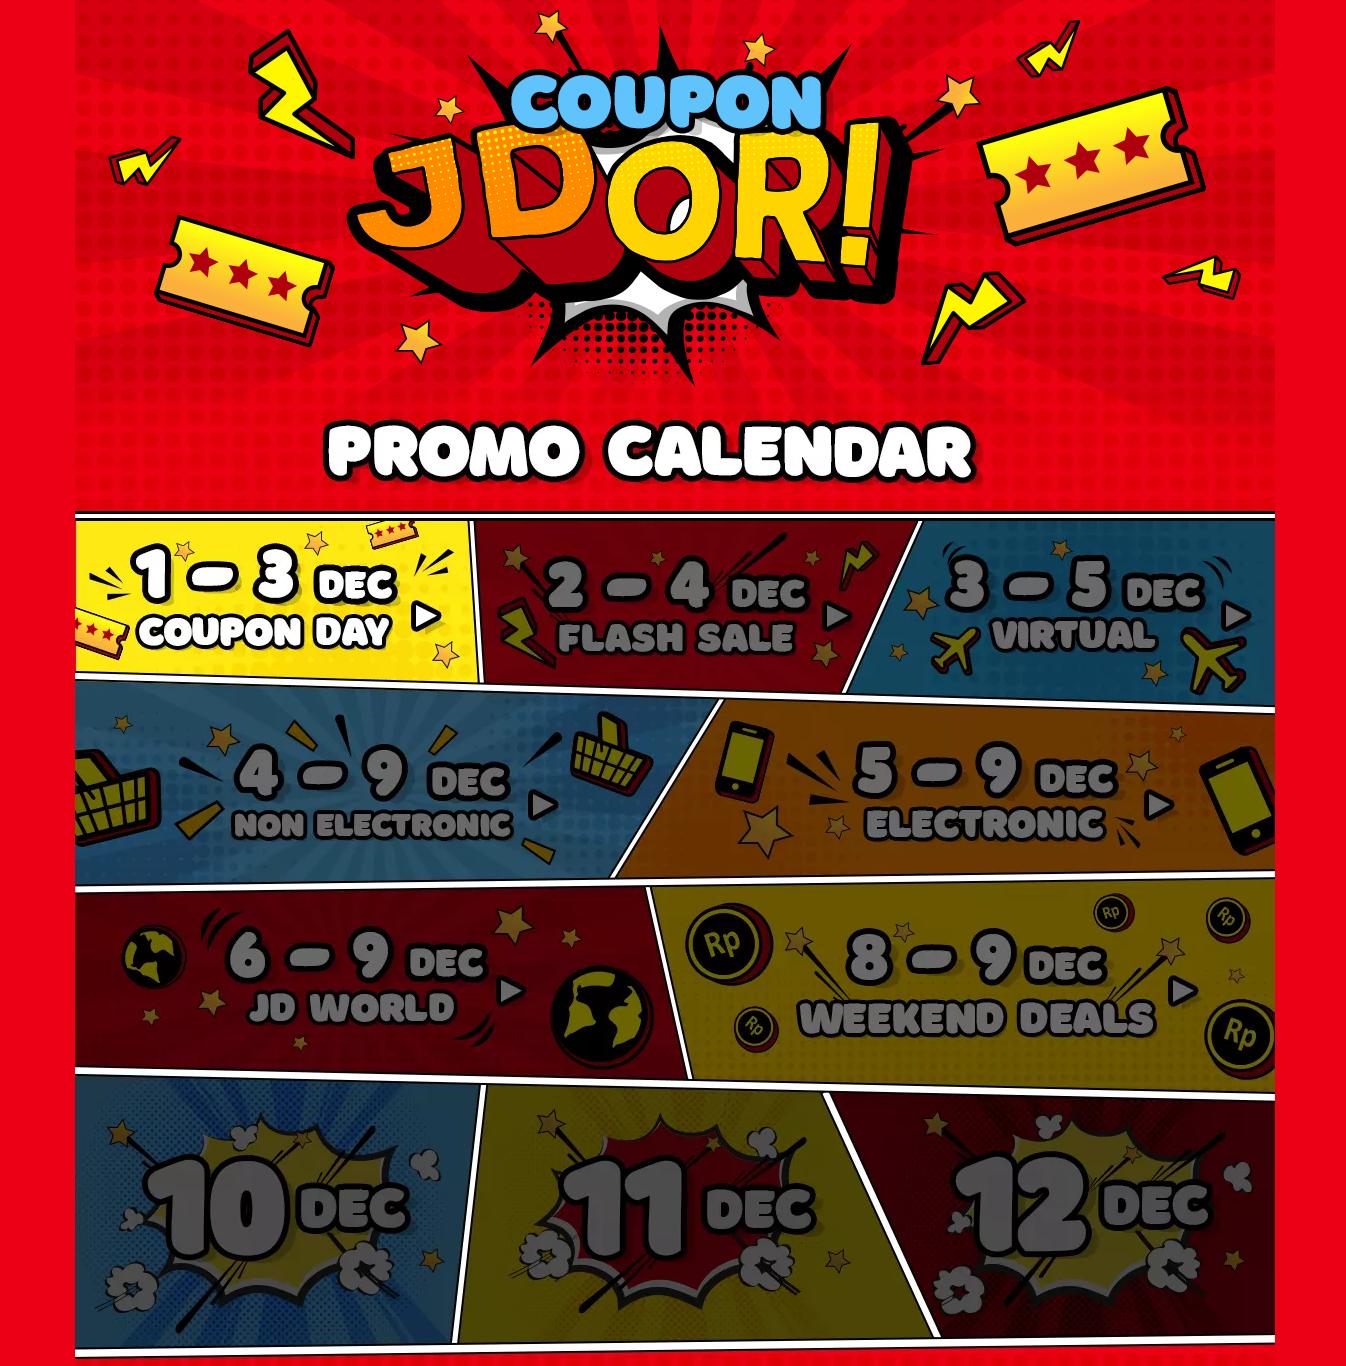 JDID - Promo Kalender Kupon di Coupon JDOR! (s.d 12 Des 2018)